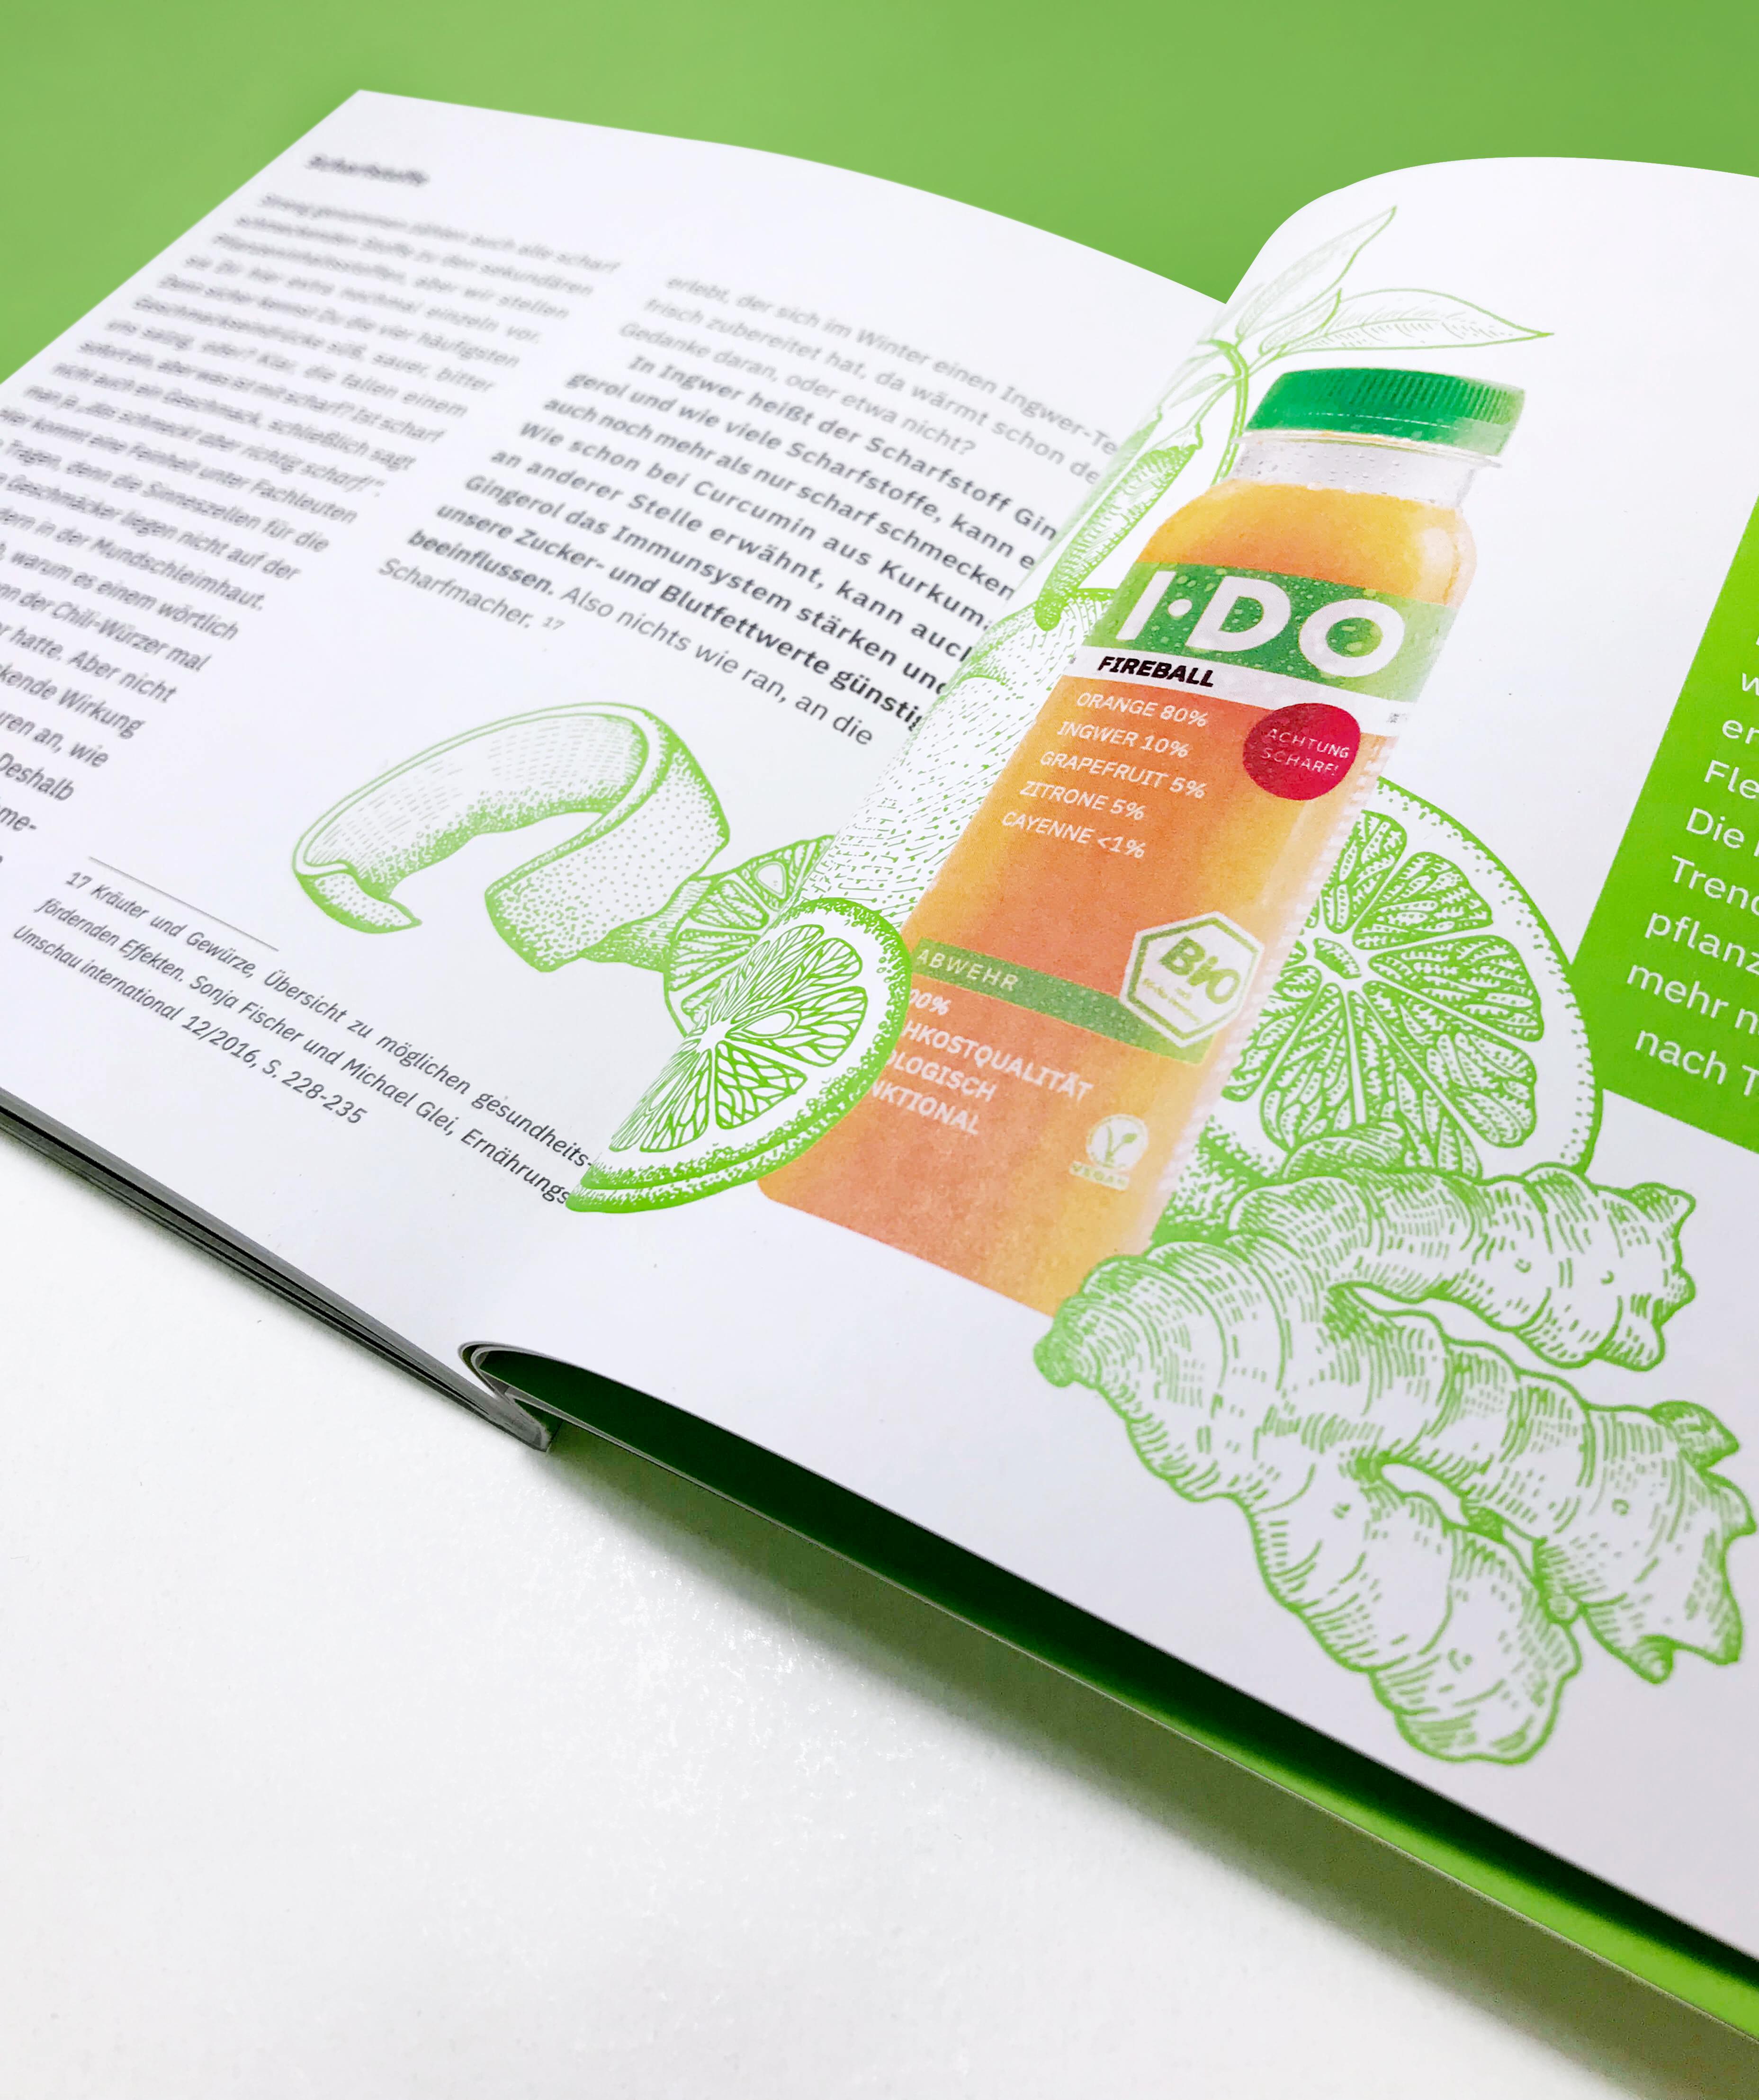 Gestaltung von Anna Sette: mehrere Marketing und Werbemittel, Booklets, Flyers, Corporate Design, Rebranding, Editorial Design, Druckdatenerstellung waren meine Leistungen